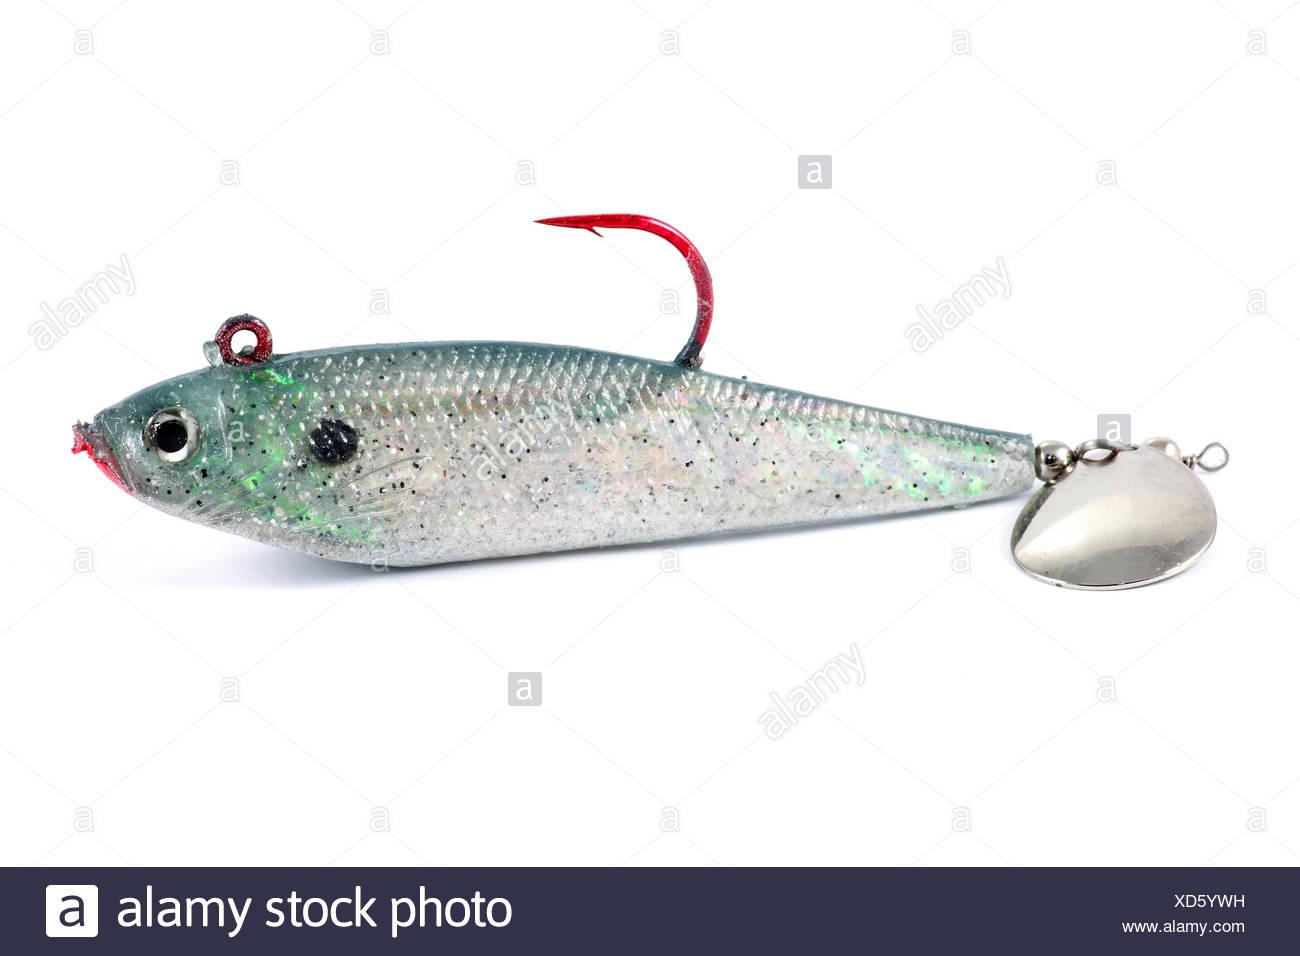 Isolés, les poissons, d'argent, à l'extérieur, l'aventure, la pêche, le prédateur, la truite, appâts, Photo Stock